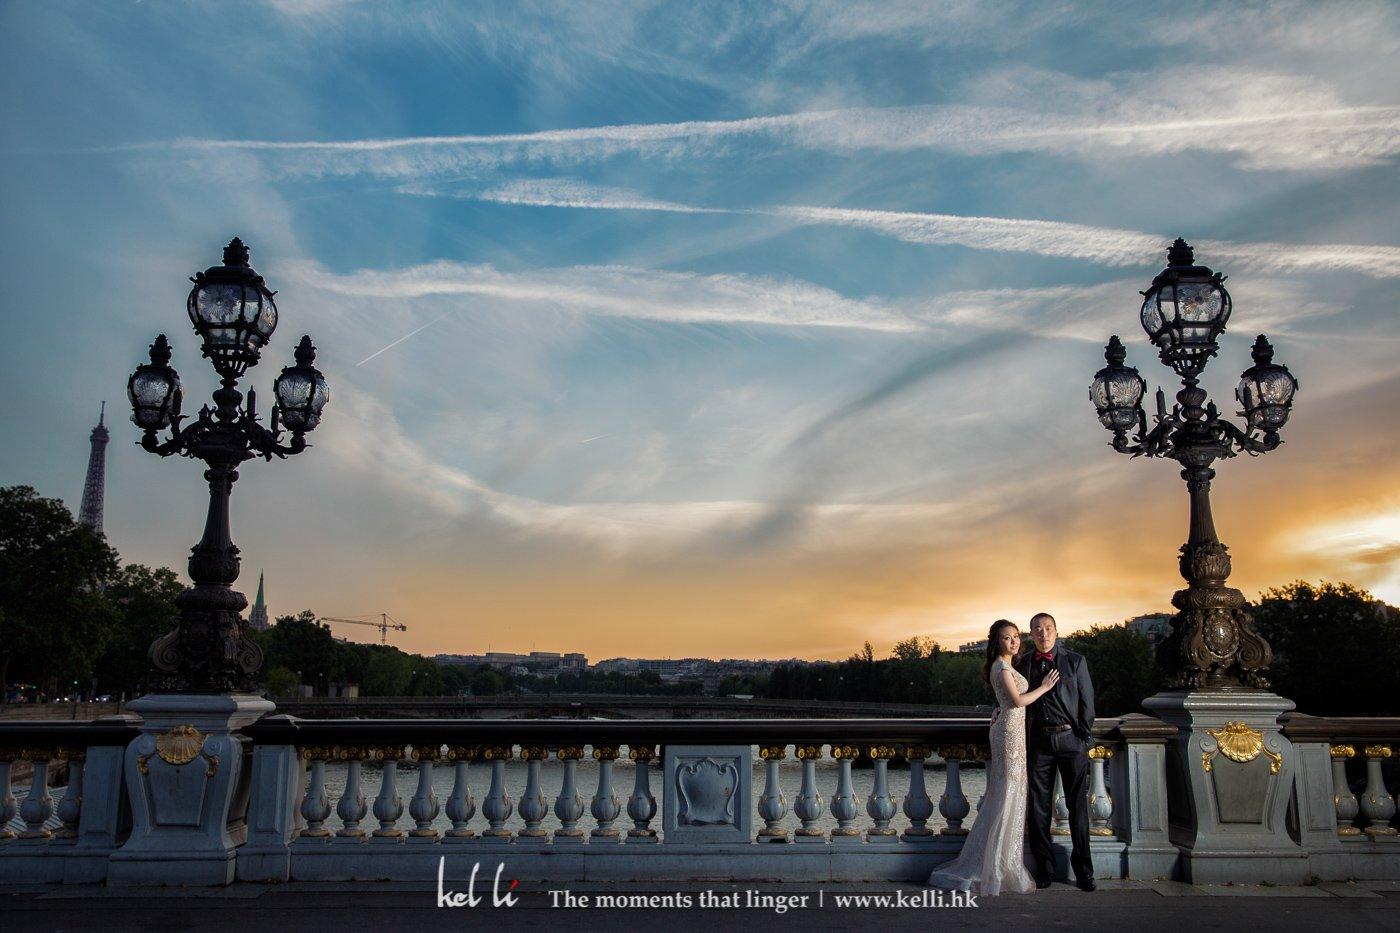 巴黎日落的美景